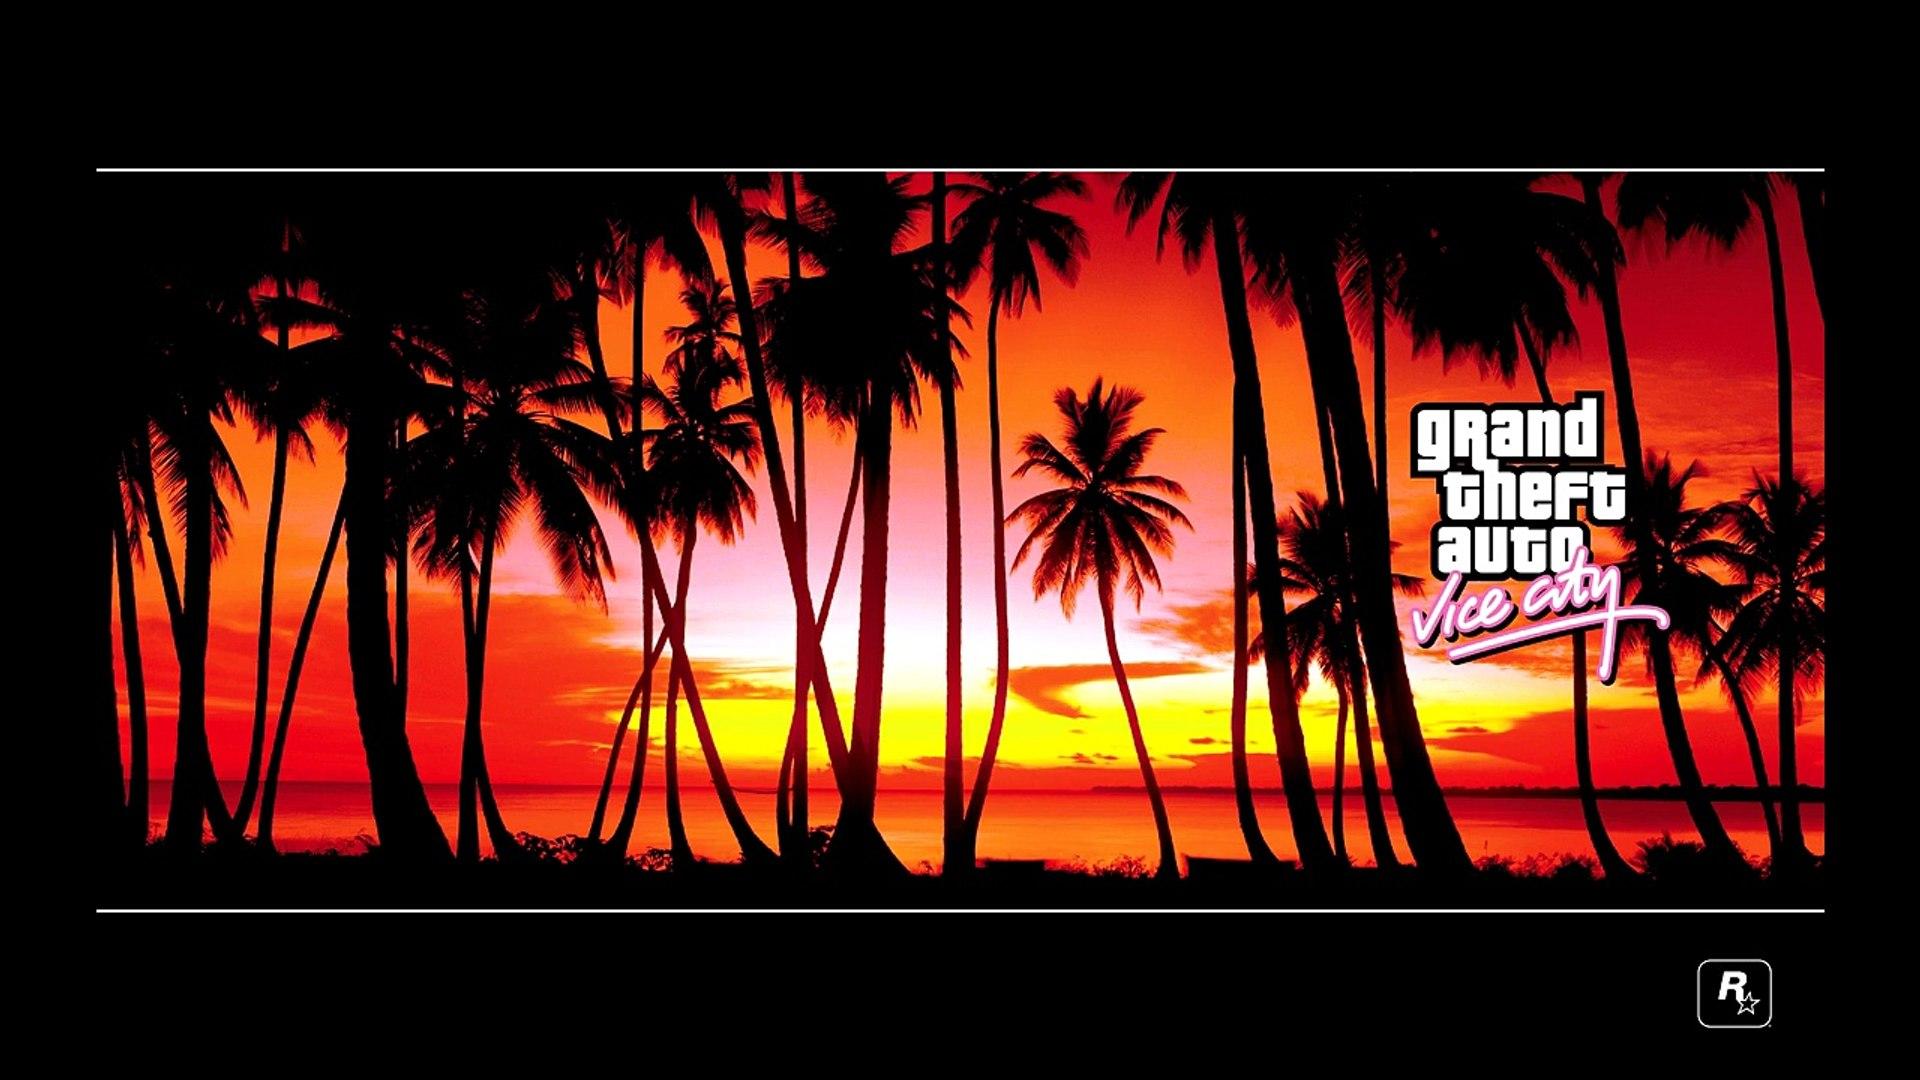 О Grand Theft Auto Vice City, и о многом другом